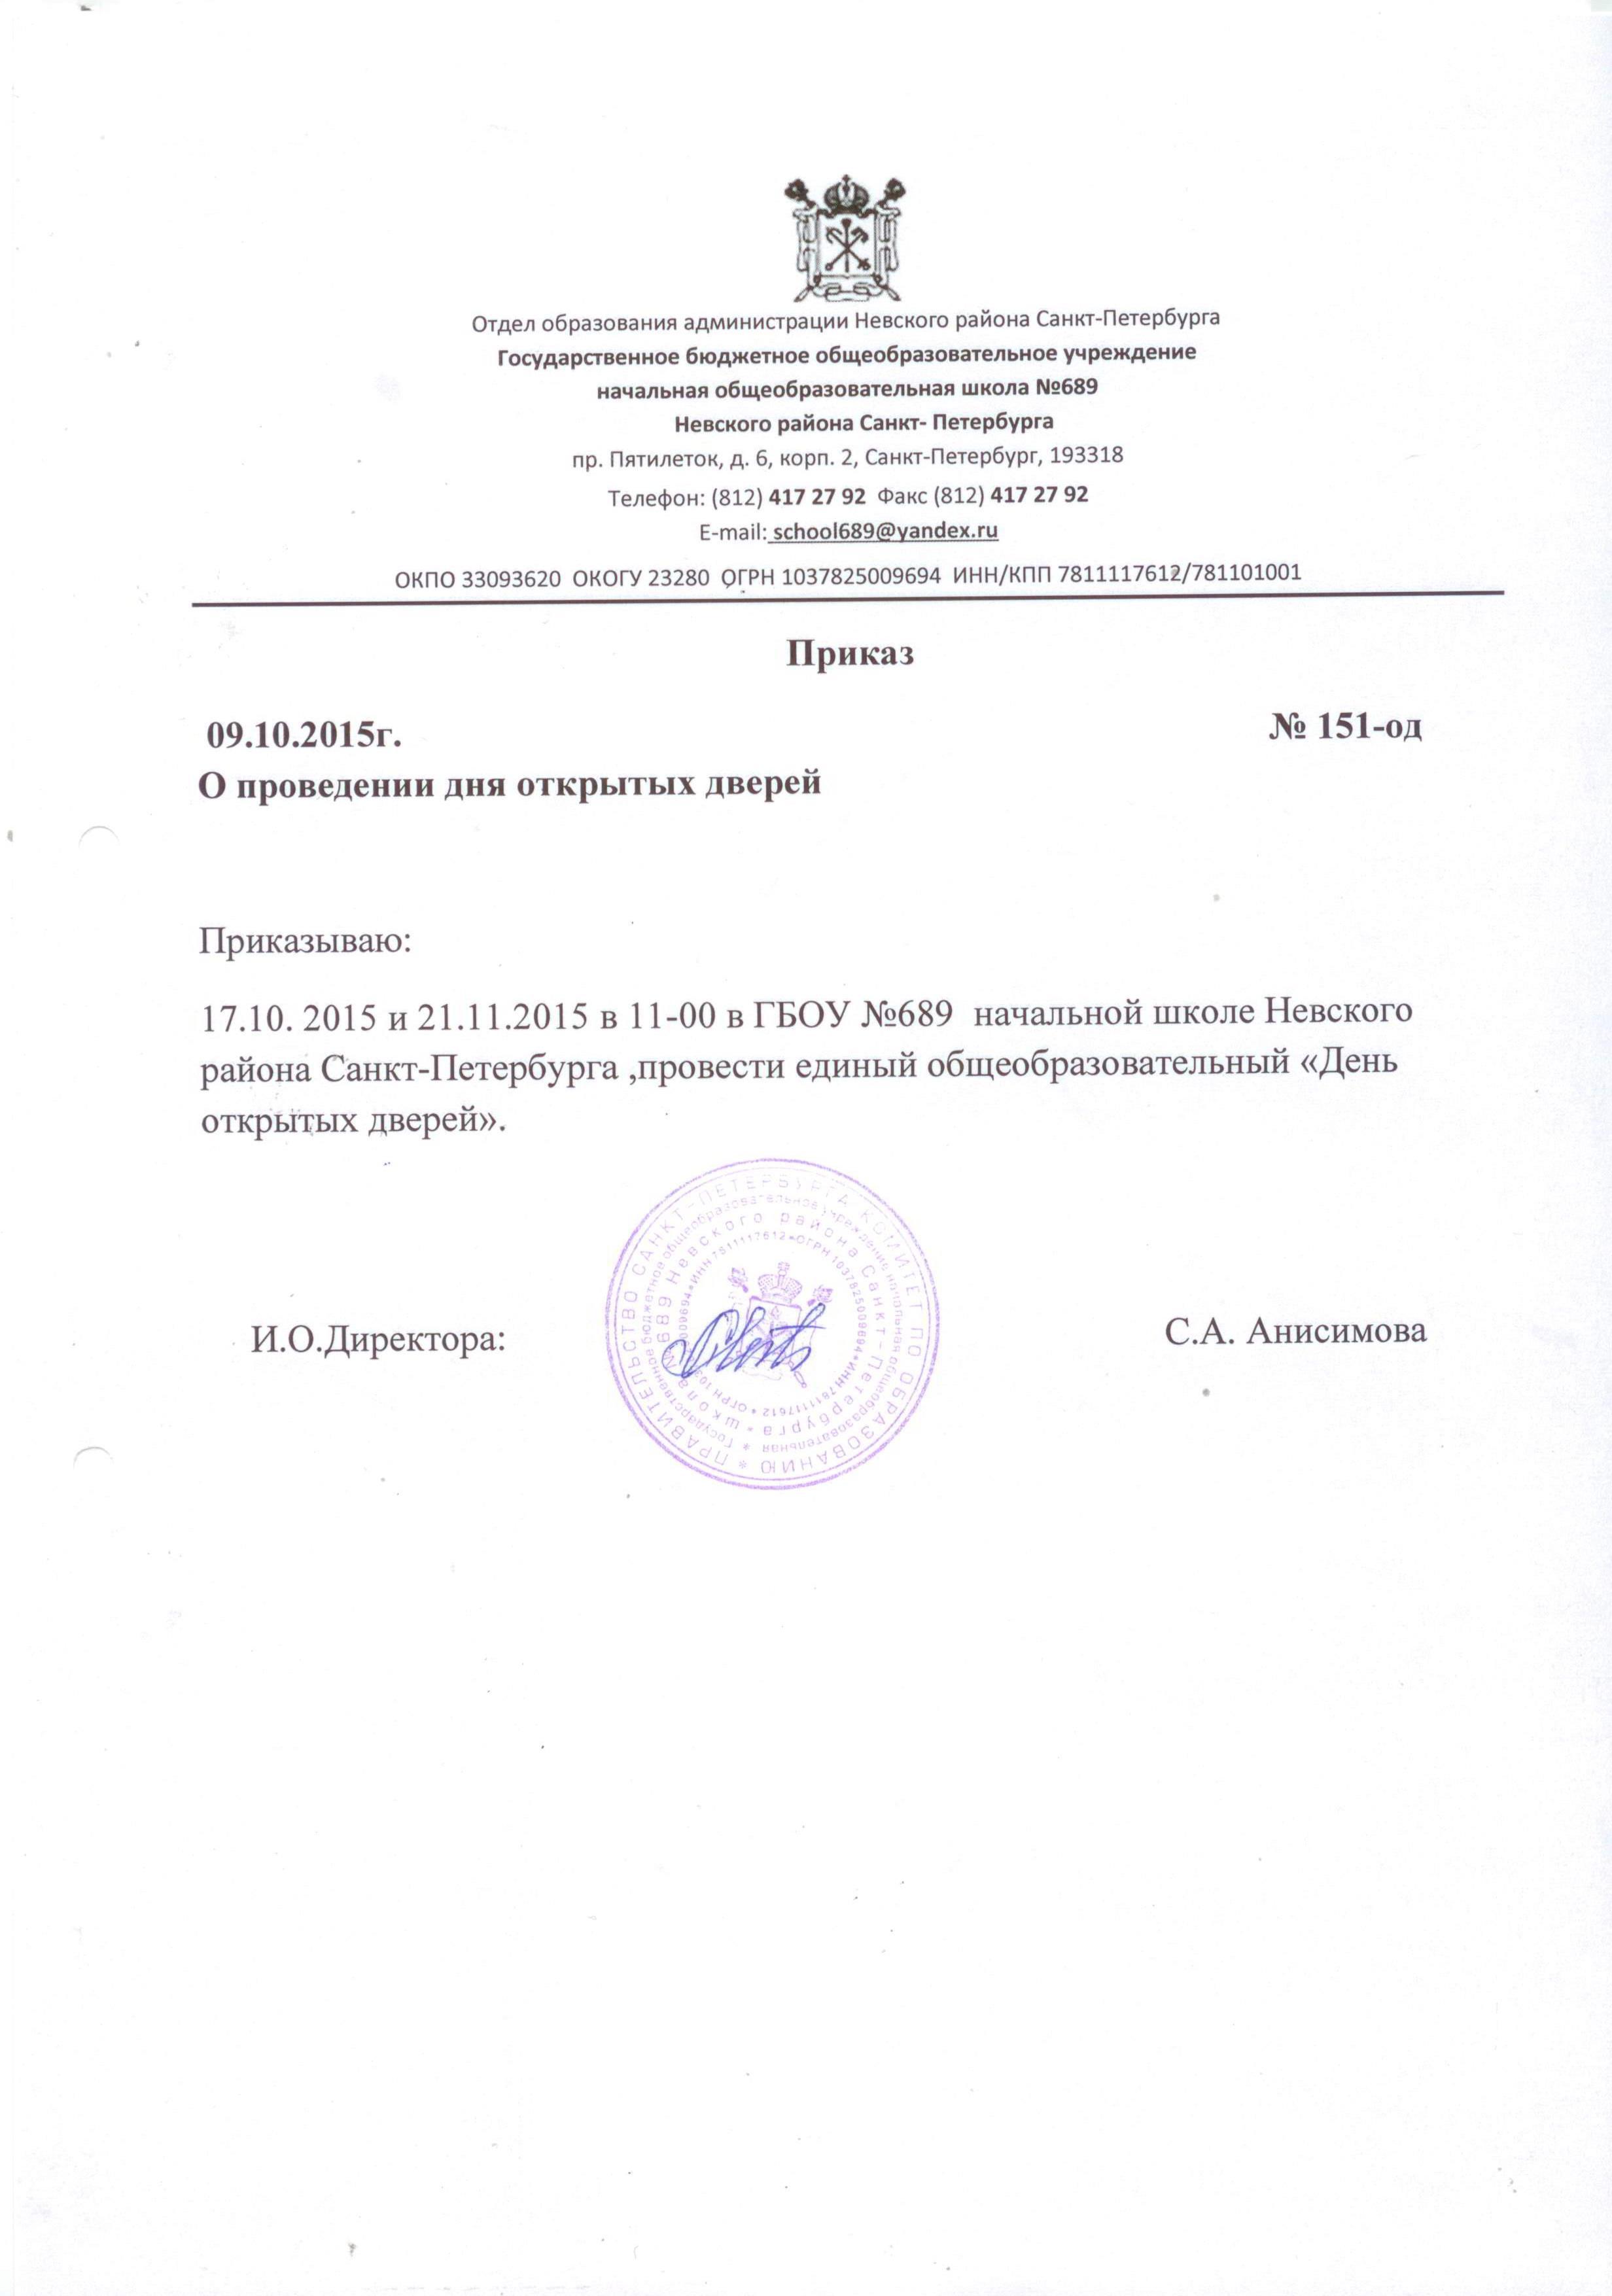 должностная инструкция заместителя директора по увр центра внешкольной работы